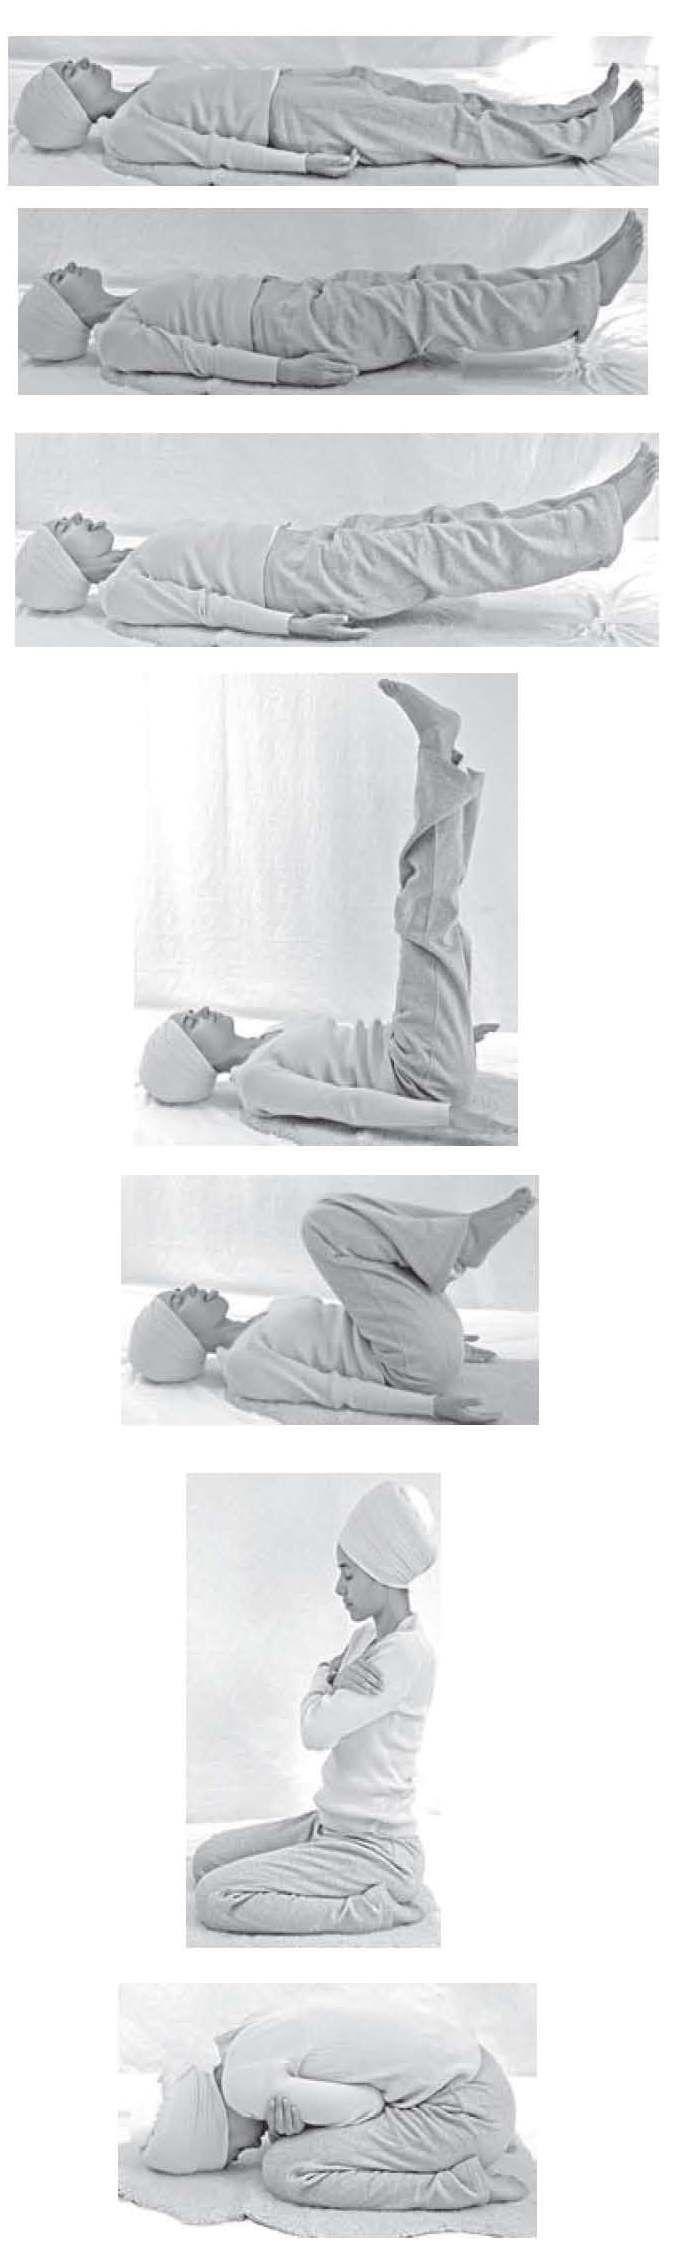 Kriya for Inner Anger